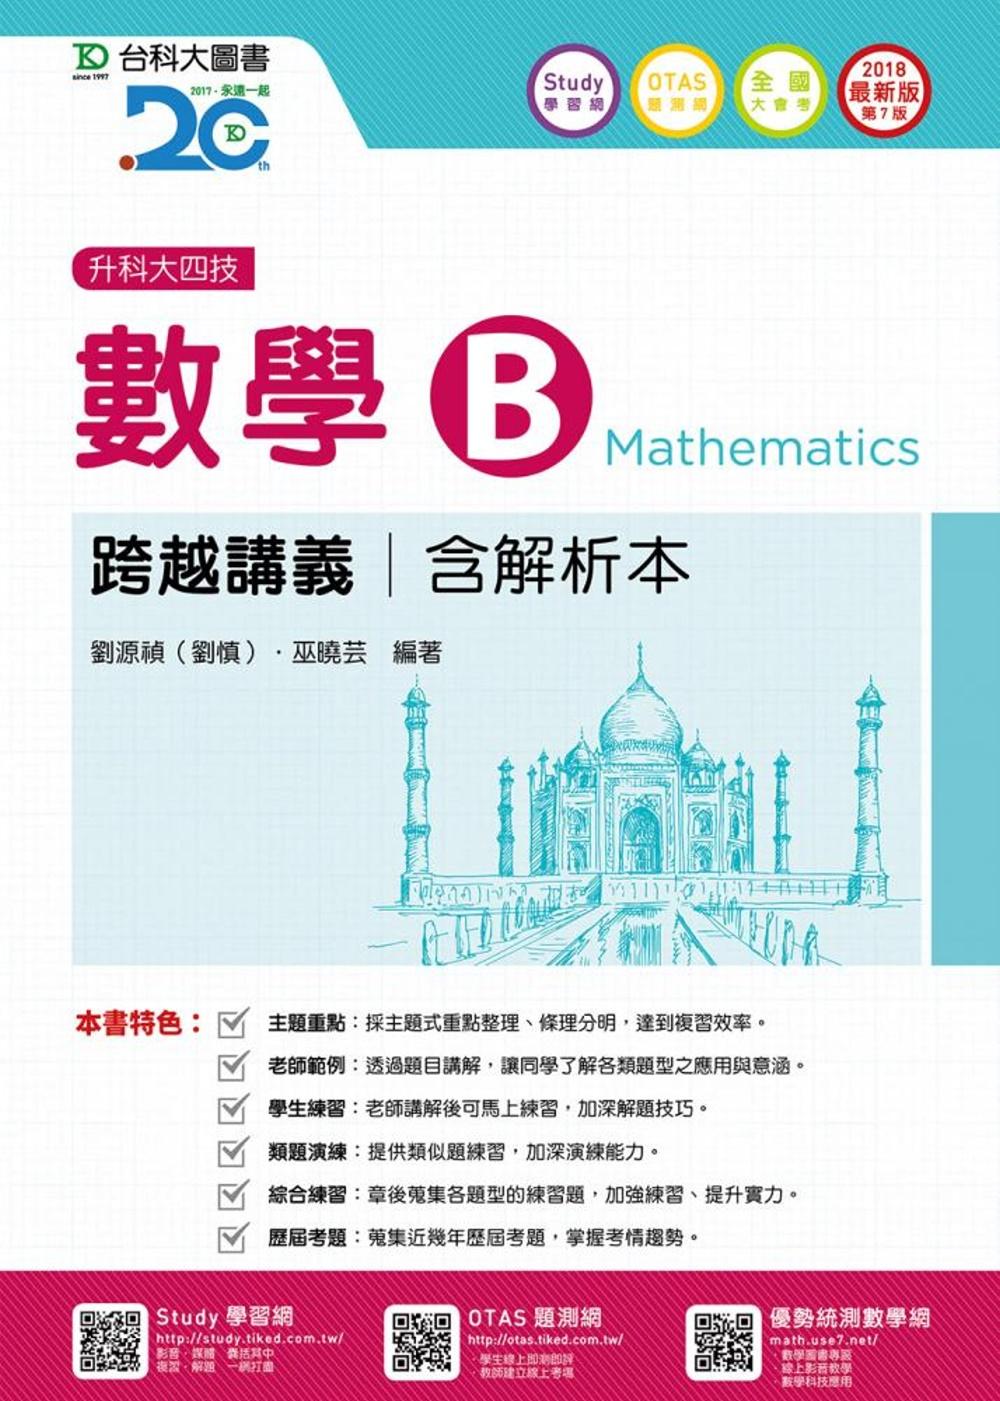 升科大四技數學 B 跨越講義含解析本 - 2018年最新版(第七版)(附贈OTAS題測系統)